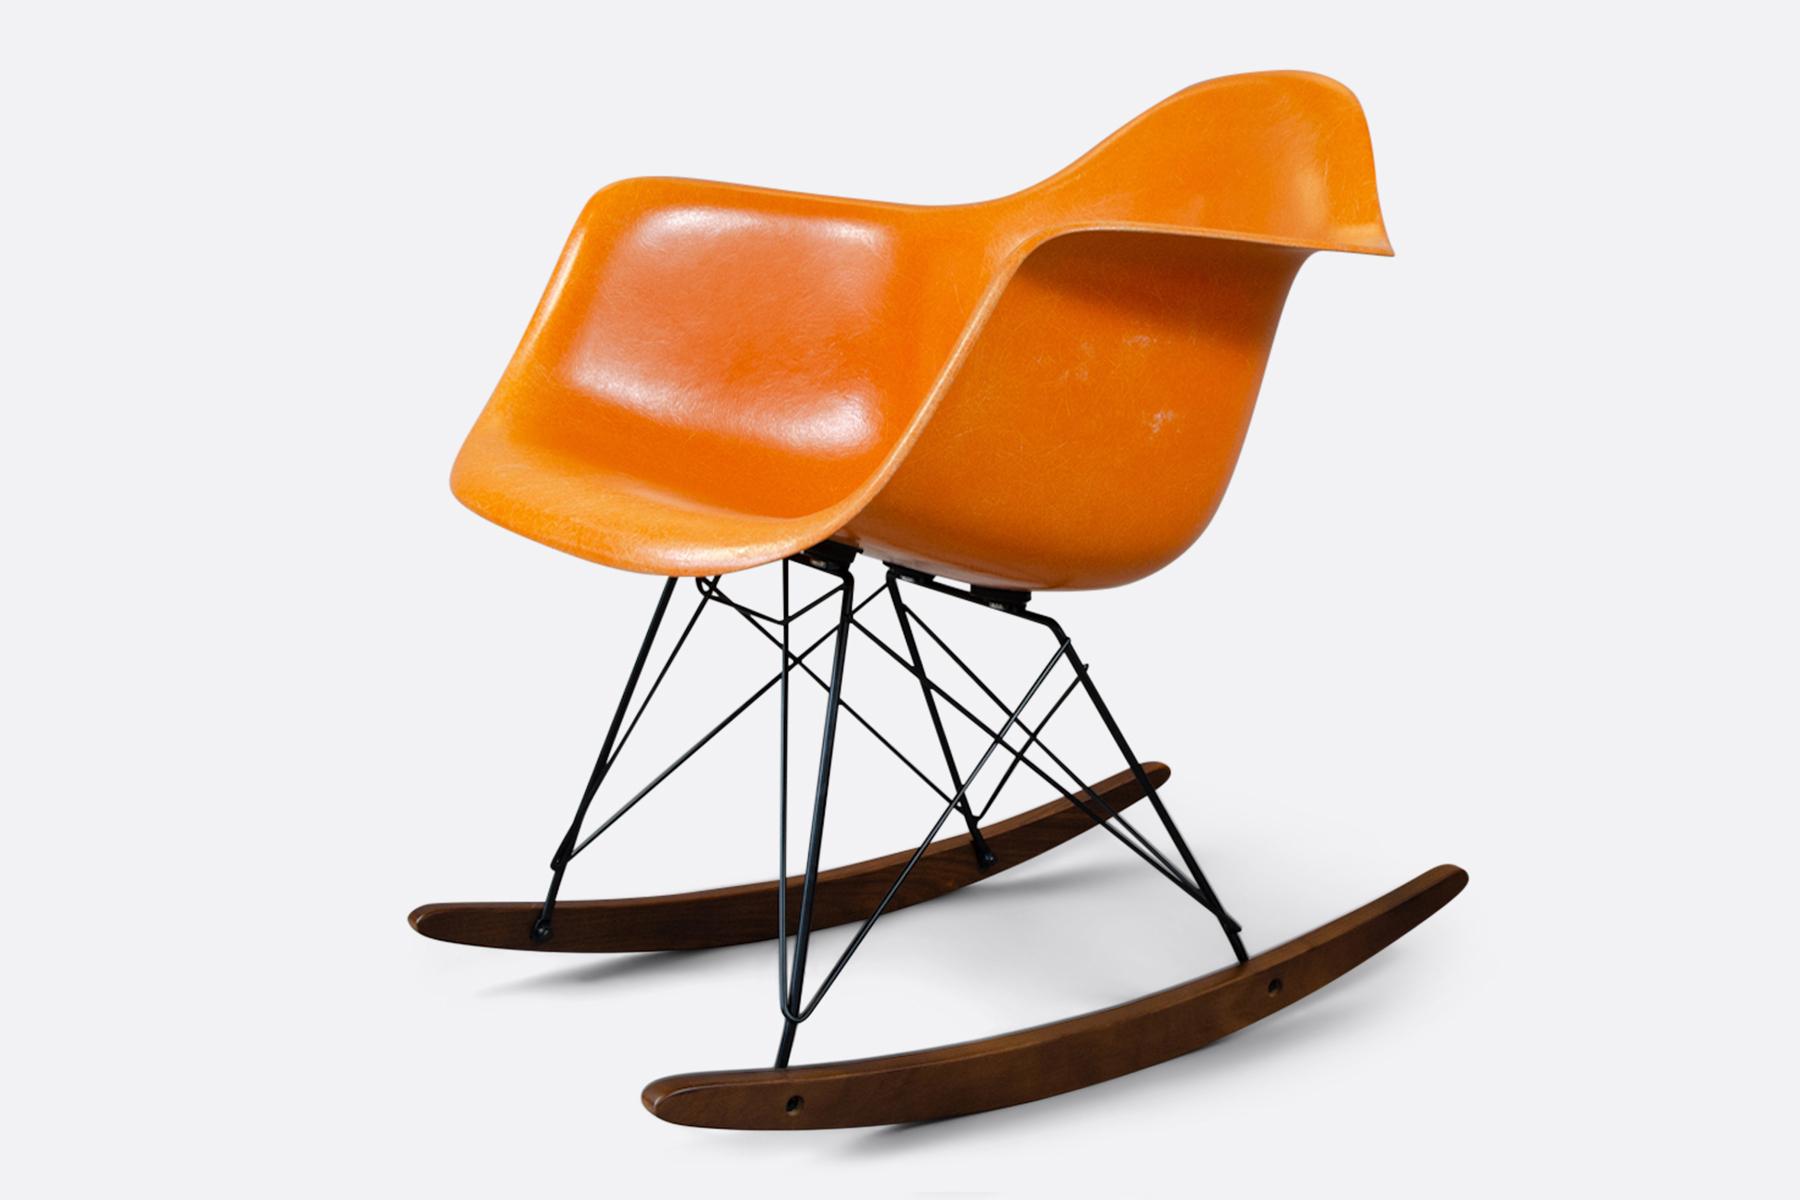 Eames Tangerine rocker